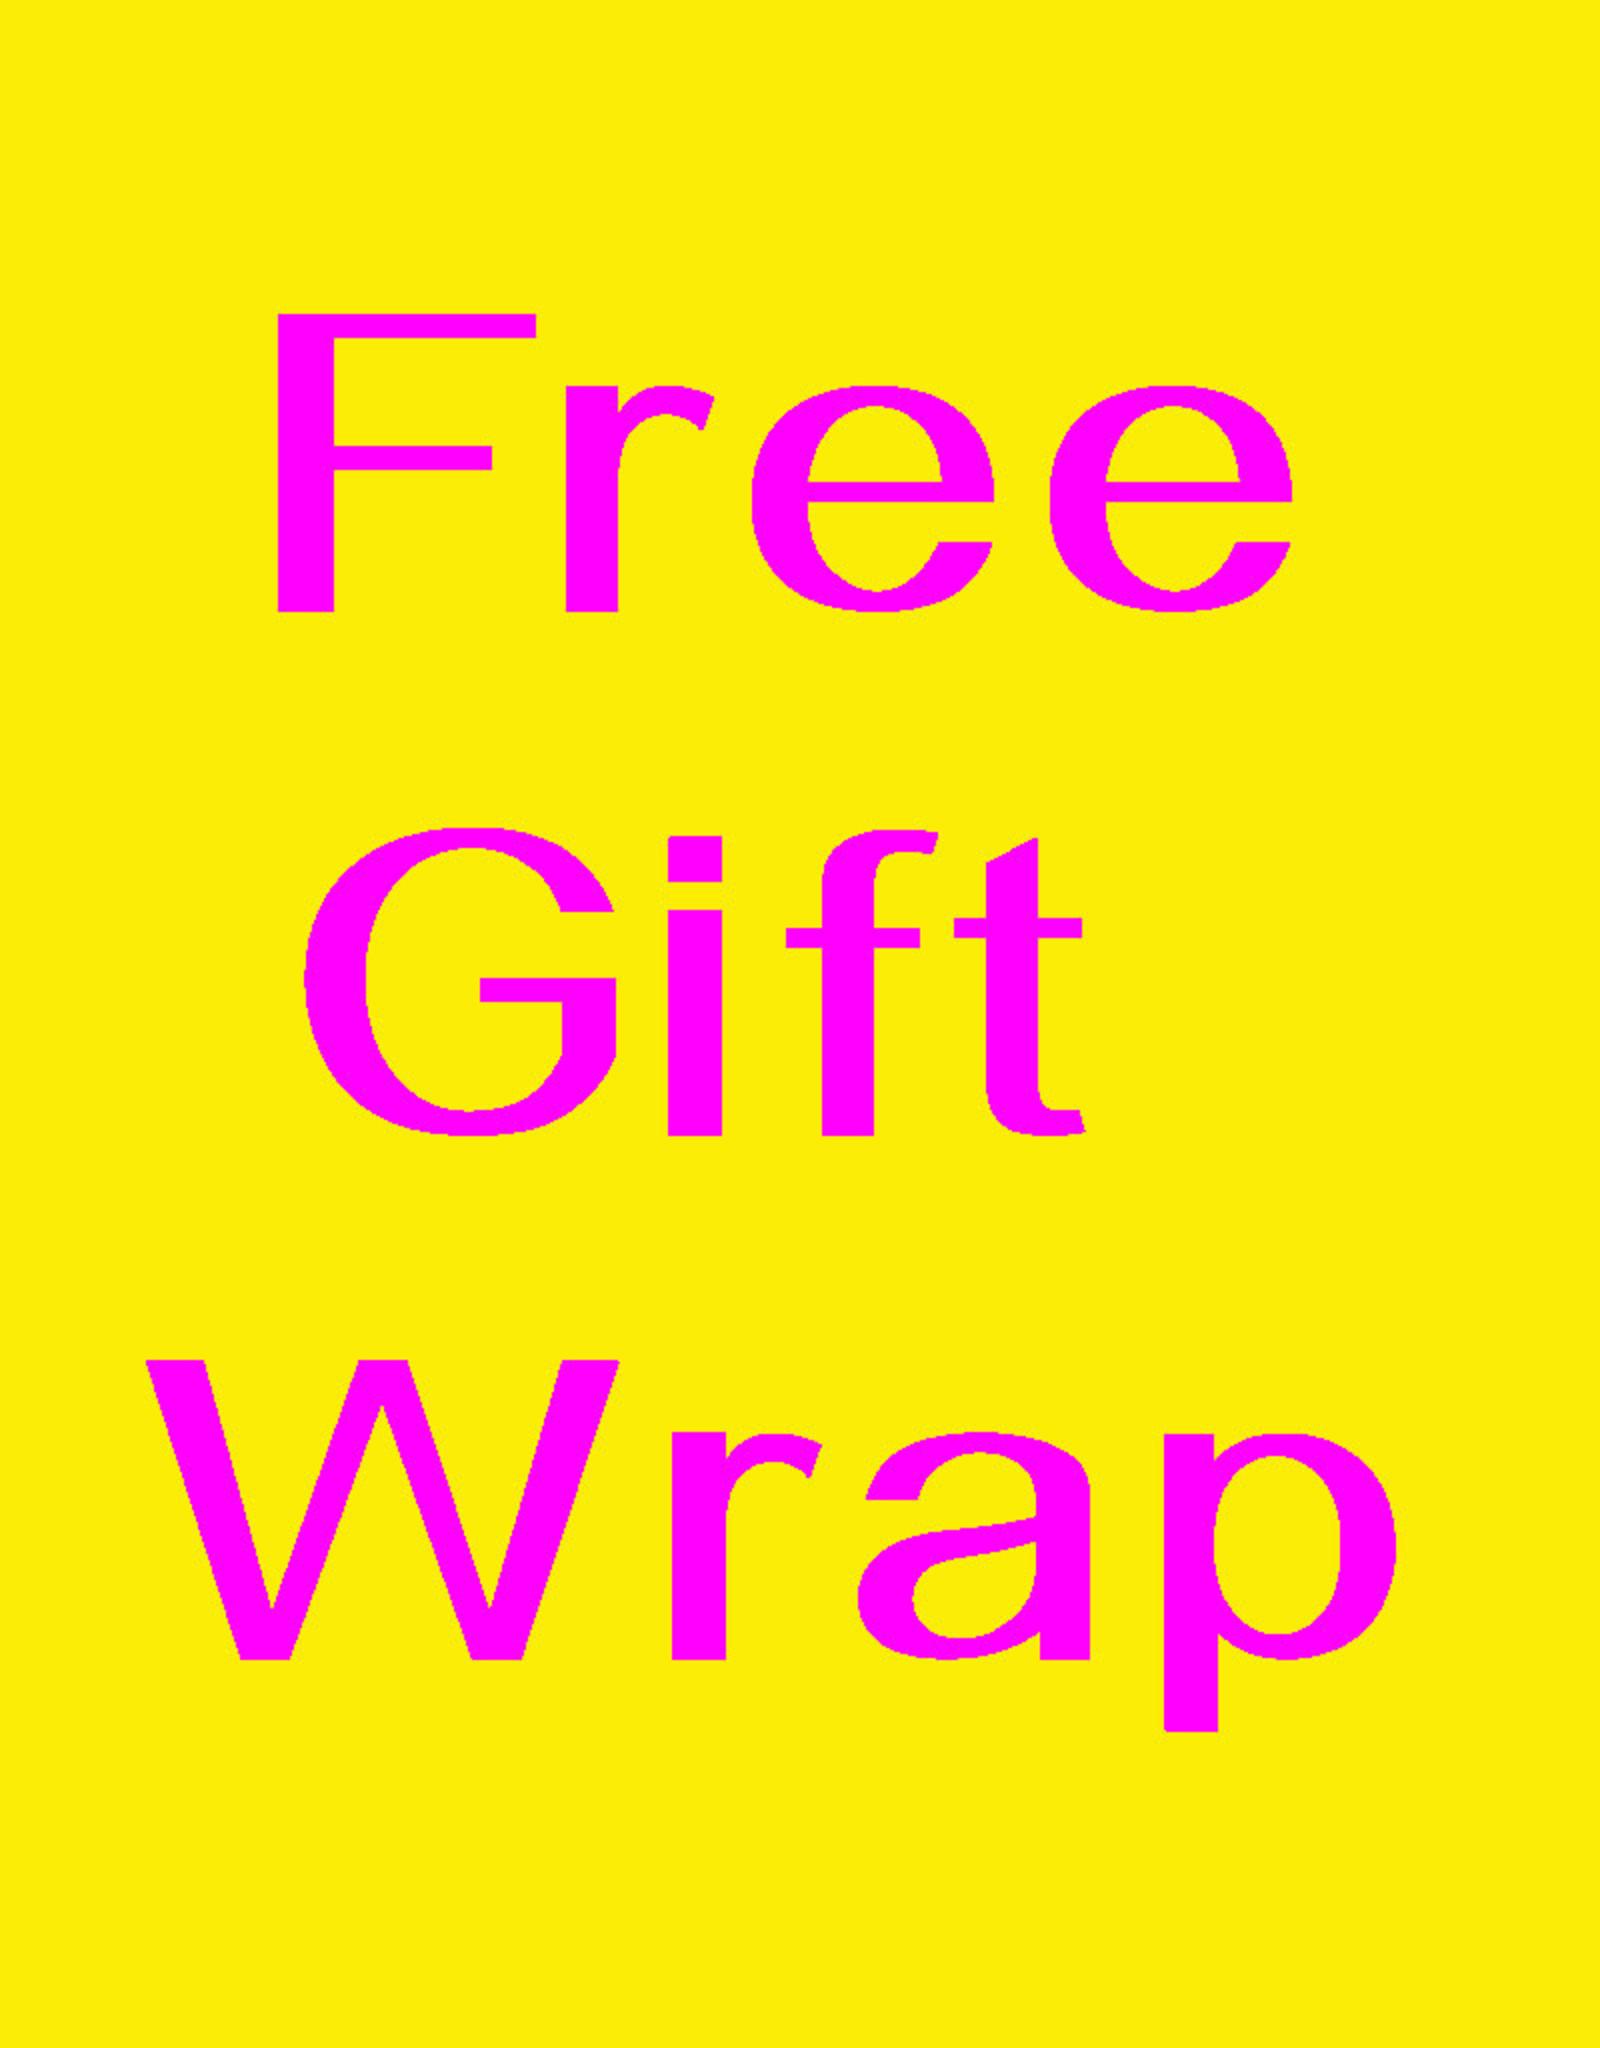 Ecom Free Gift Wrap